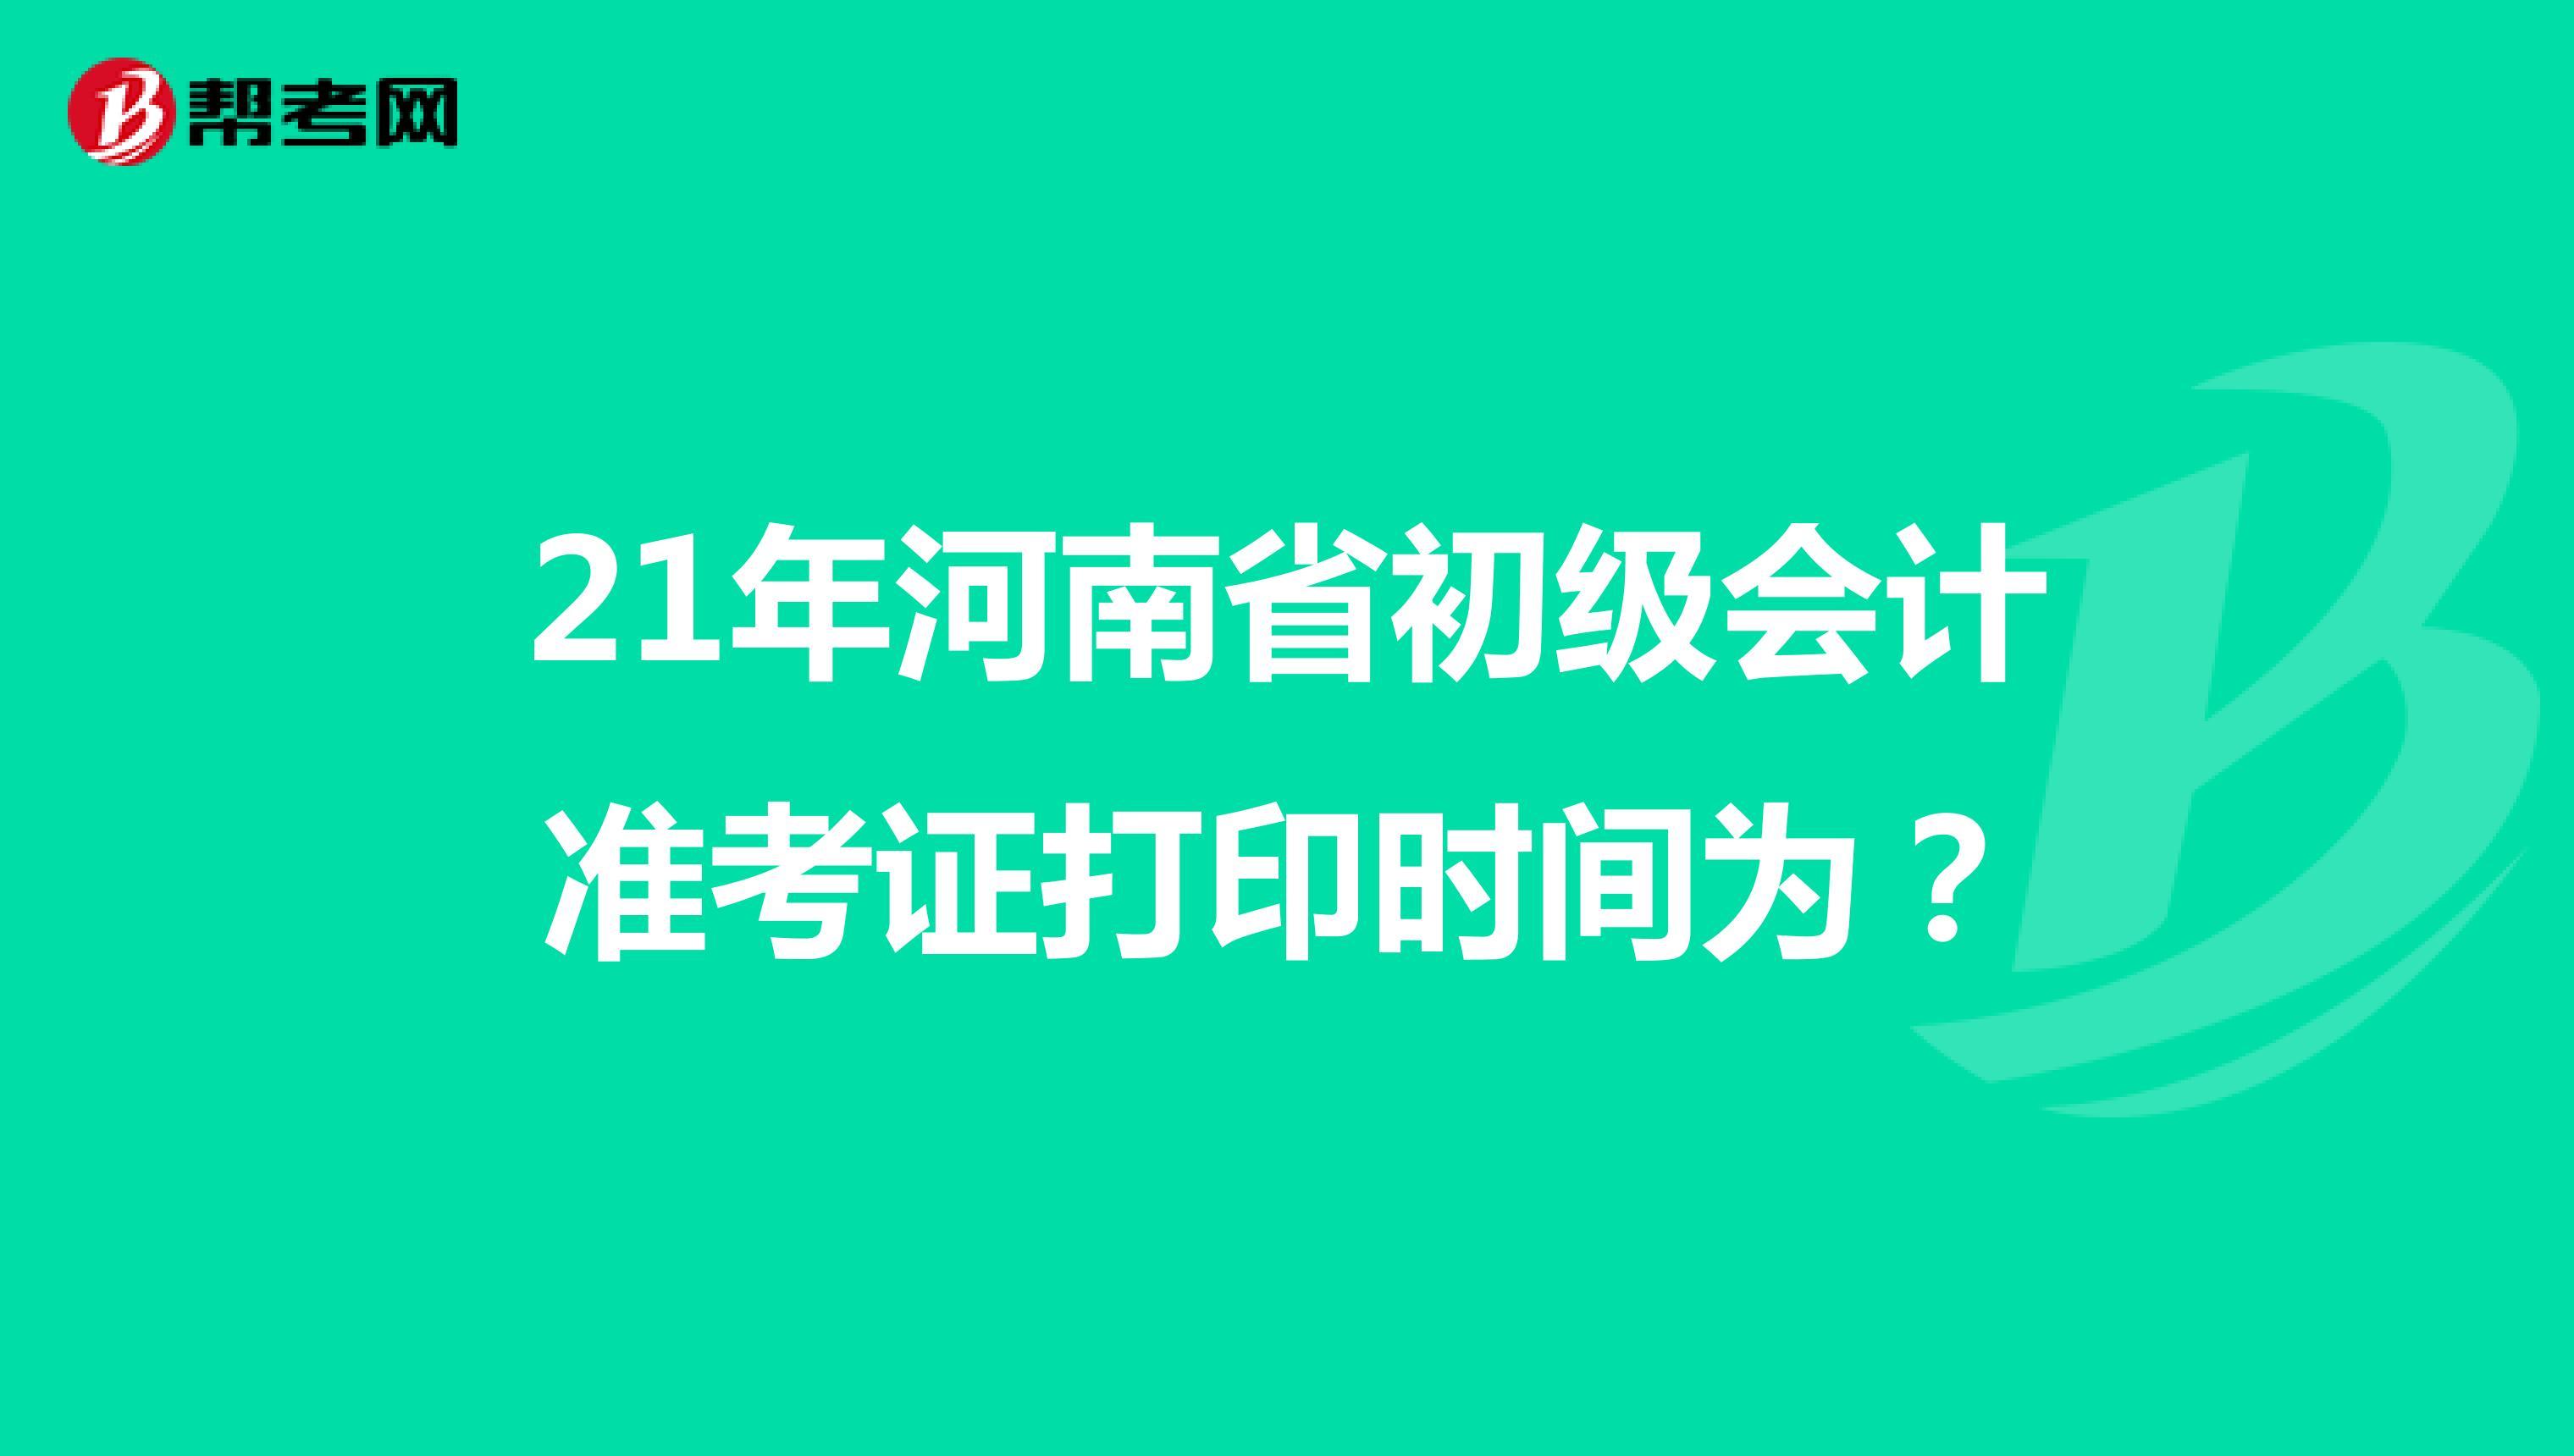 河南省准考证考试资讯